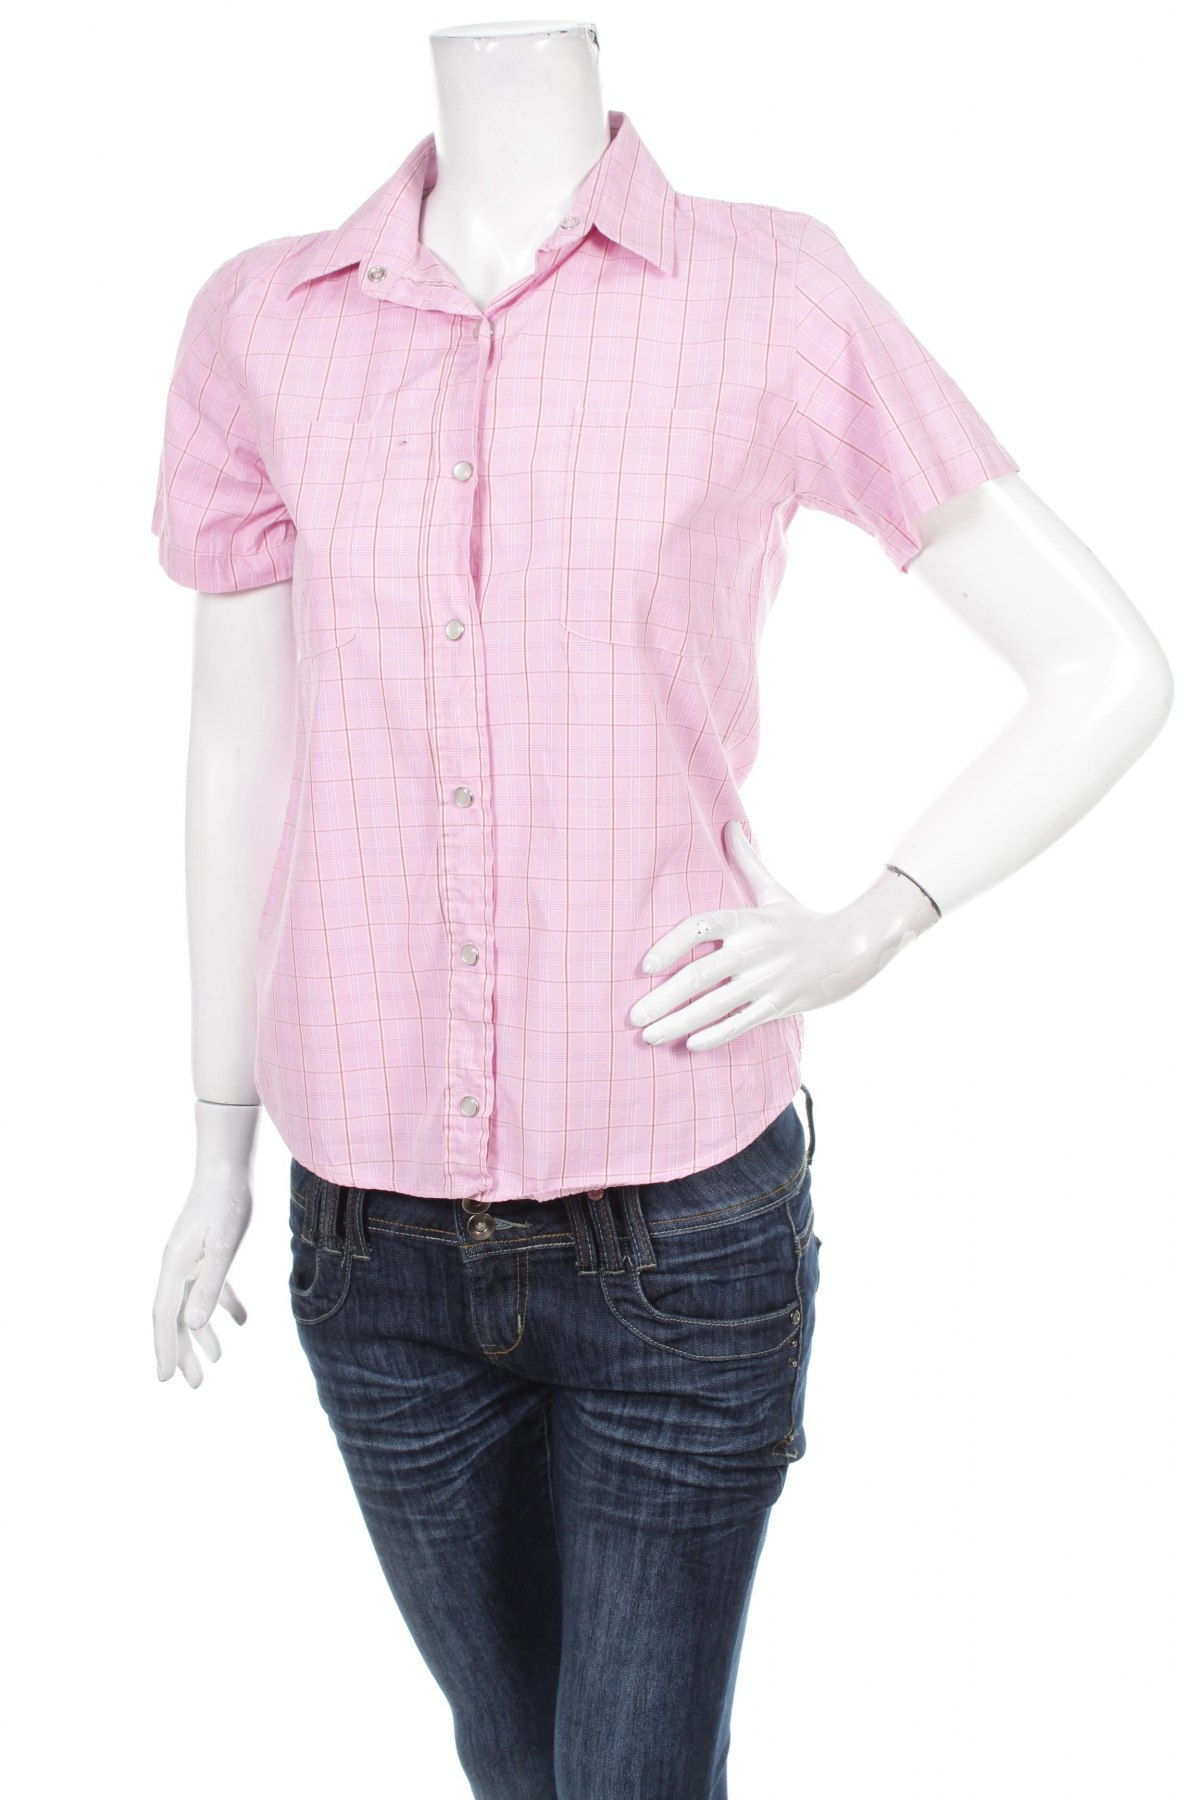 Γυναικείο πουκάμισο Four Elements, Μέγεθος M, Χρώμα Ρόζ , 100% βαμβάκι, Τιμή 9,28€